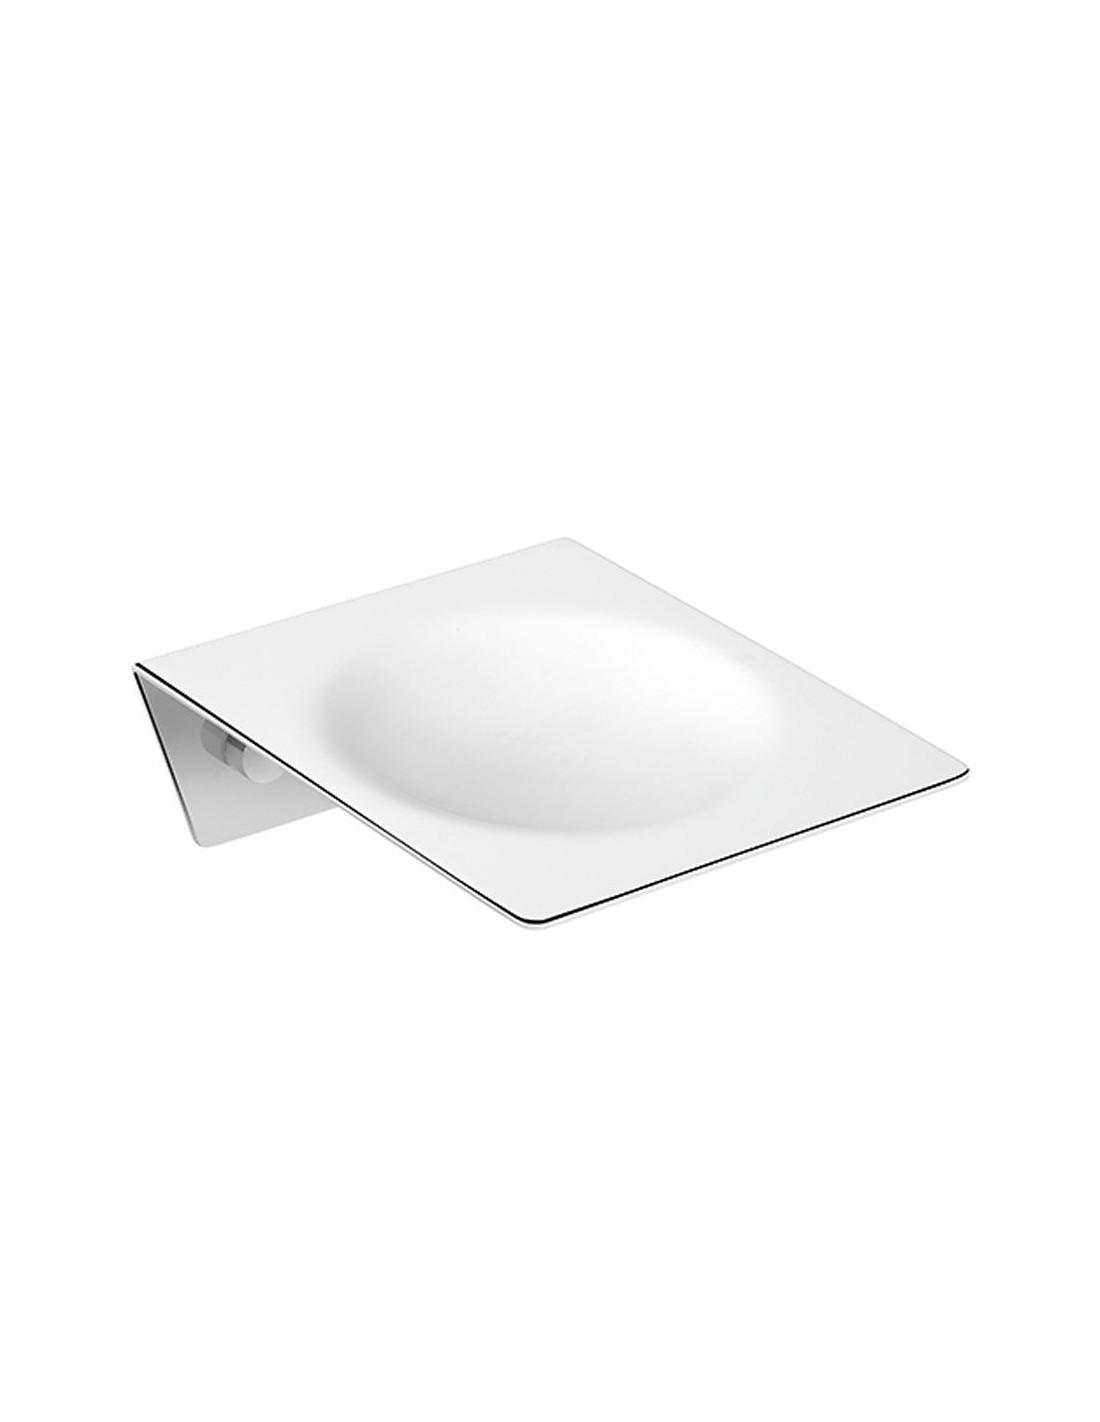 Porte savon à suspendre Kubic Dual en laiton chromé brillant de la marque Pomd'or